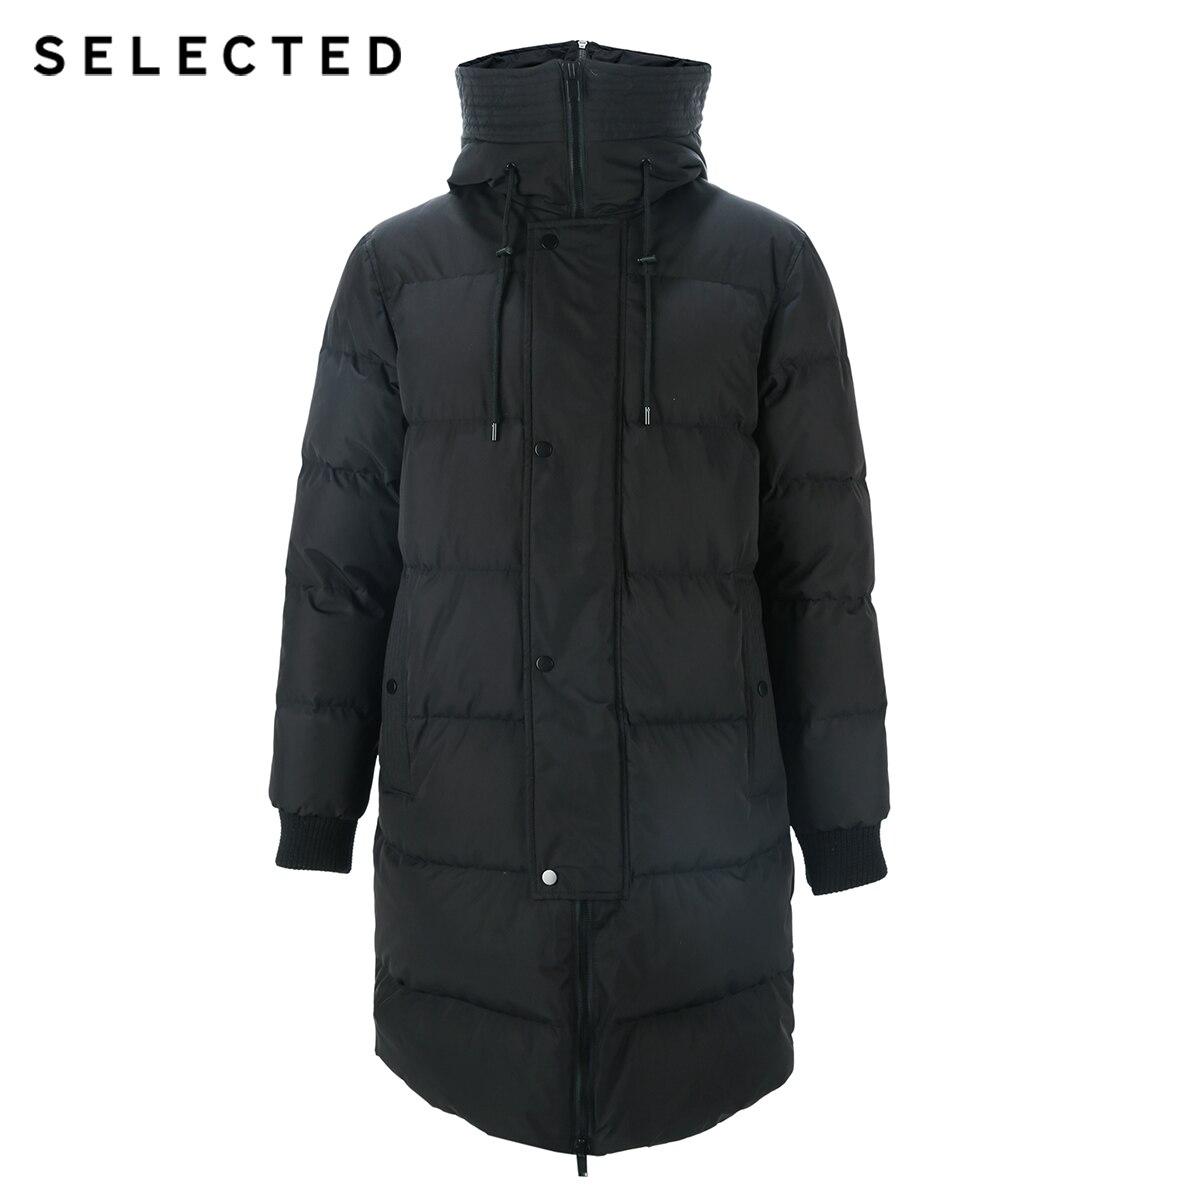 SELECTED nouveau hiver doudoune hommes fermeture éclair et chapeau décontracté moyen et Long manteau costume S   418412503 - 5